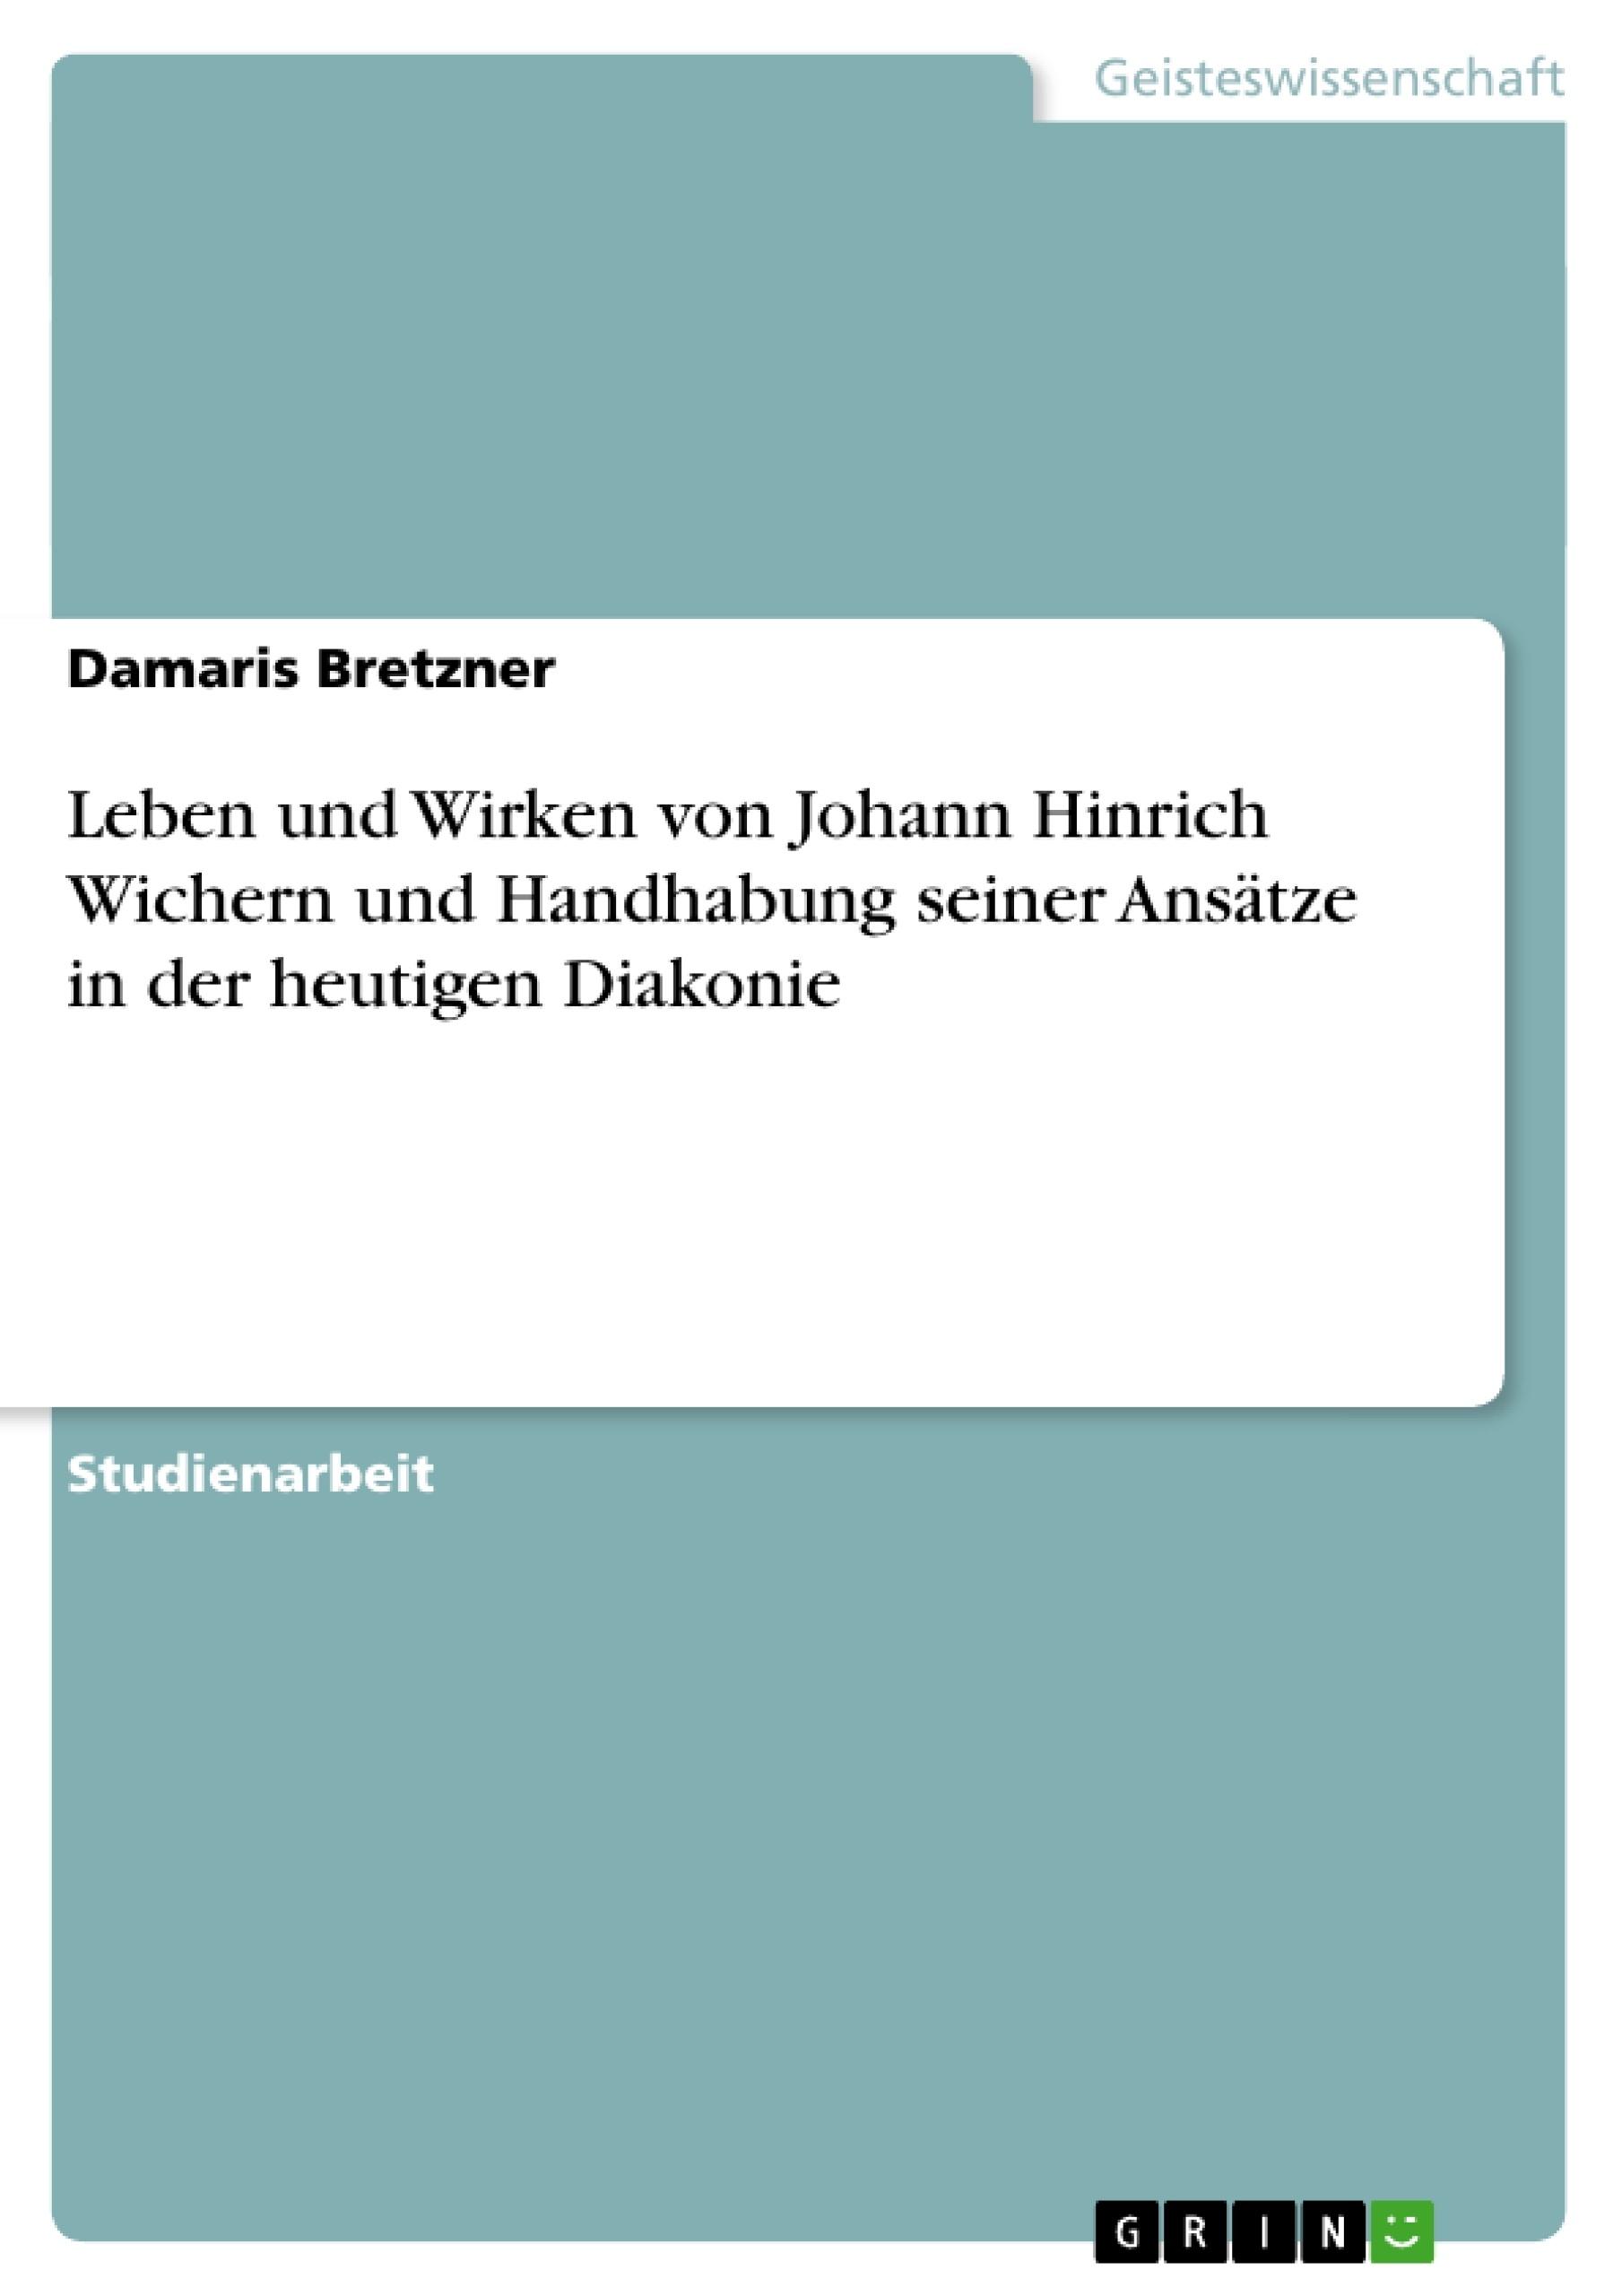 Leben Und Wirken Von Johann Hinrich Wichern Und Handhabung Grin